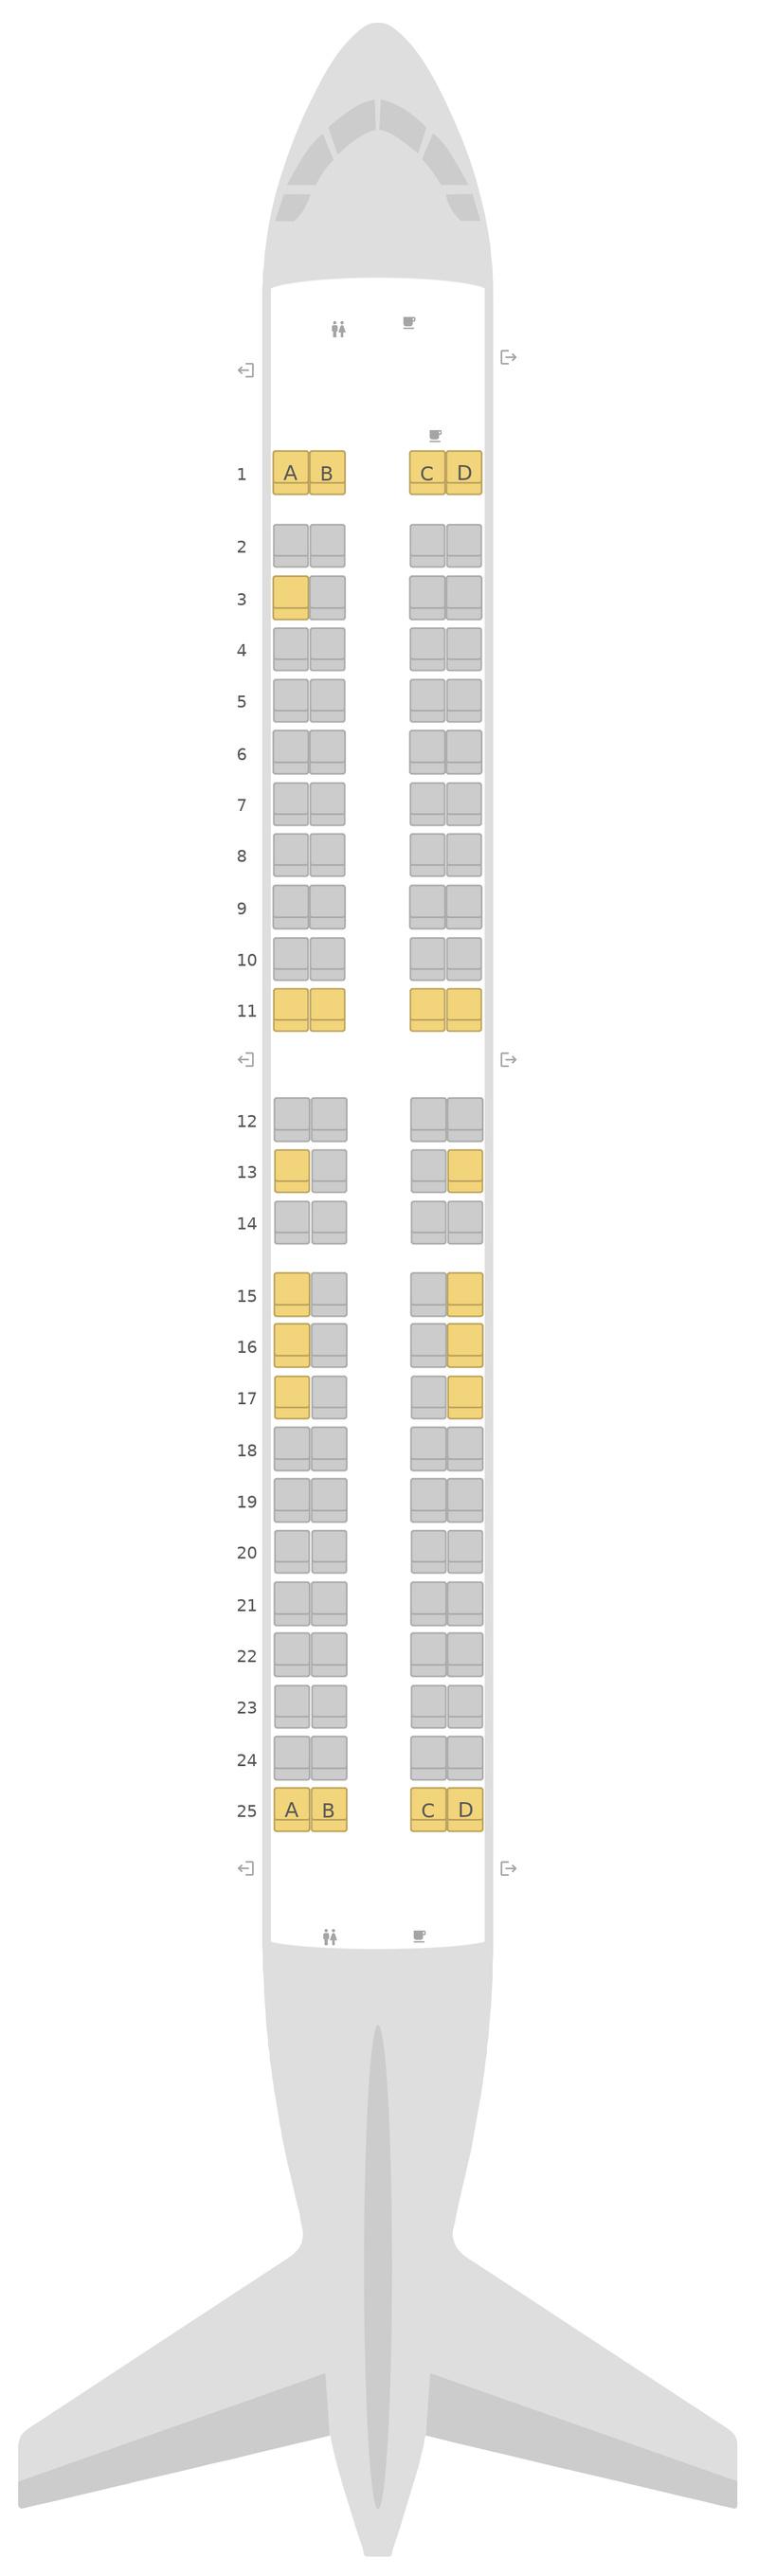 Mapa de asientos Embraer E190 (E90) jetBlue Airways